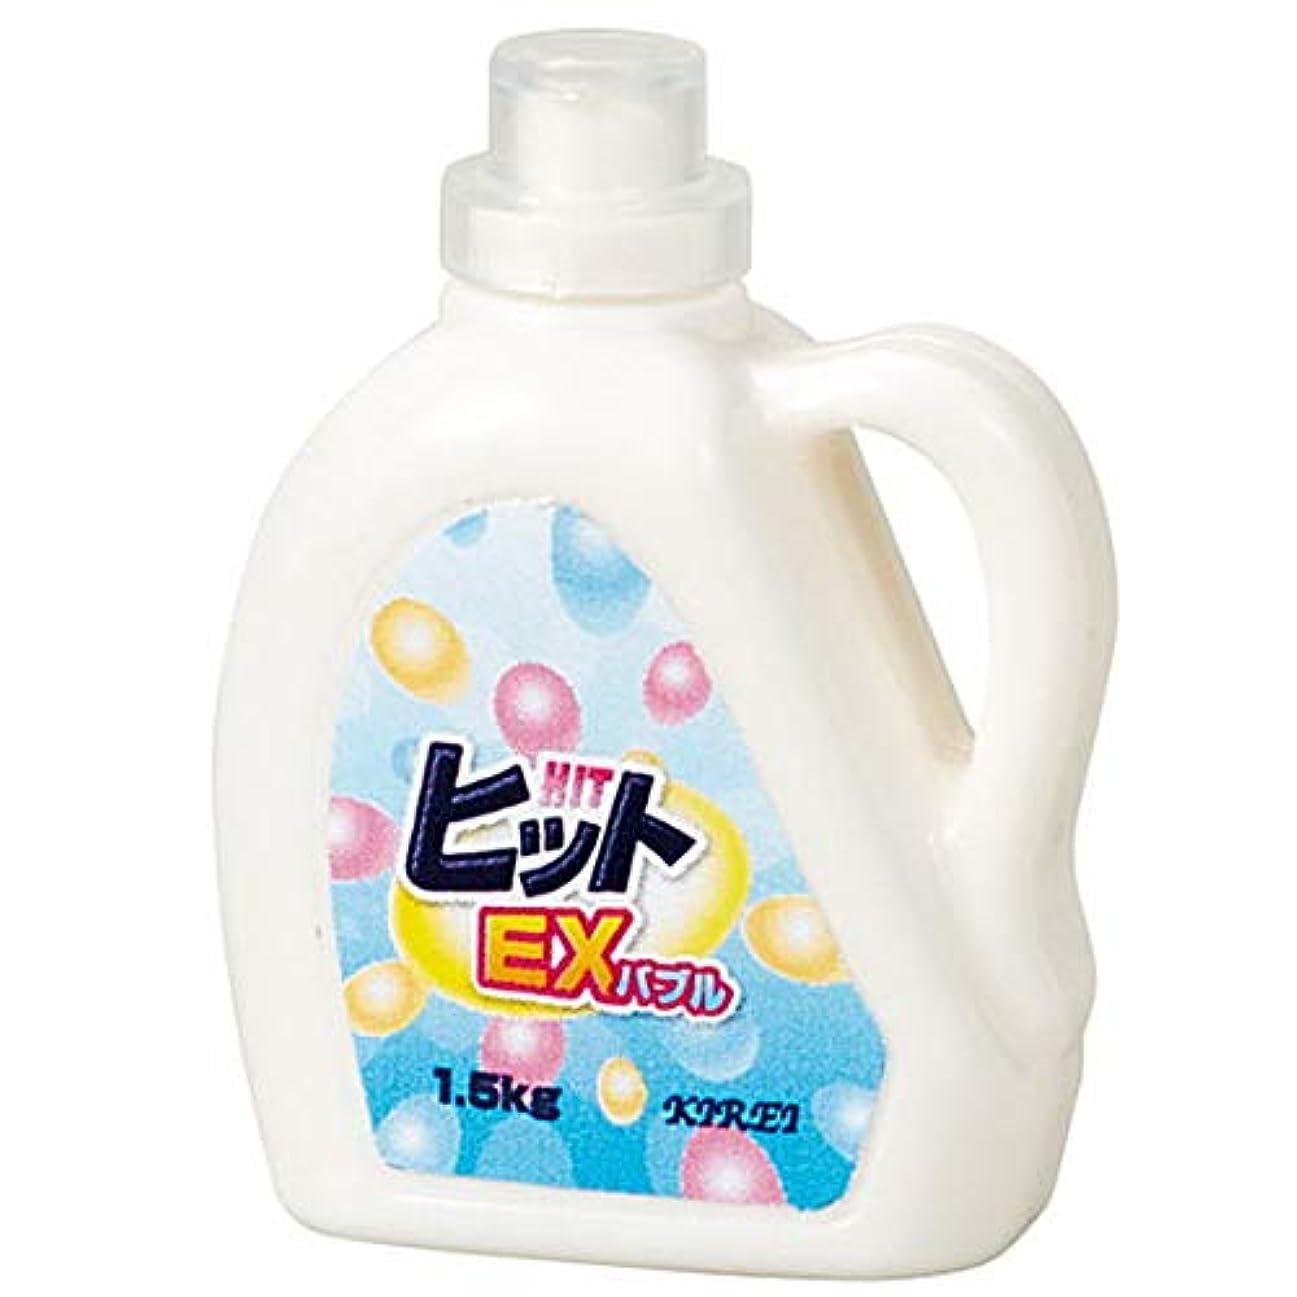 セグメント複合ストッキング洗剤&柔軟剤 [4.ヒット EXバブル (ボトル洗剤)](単品)